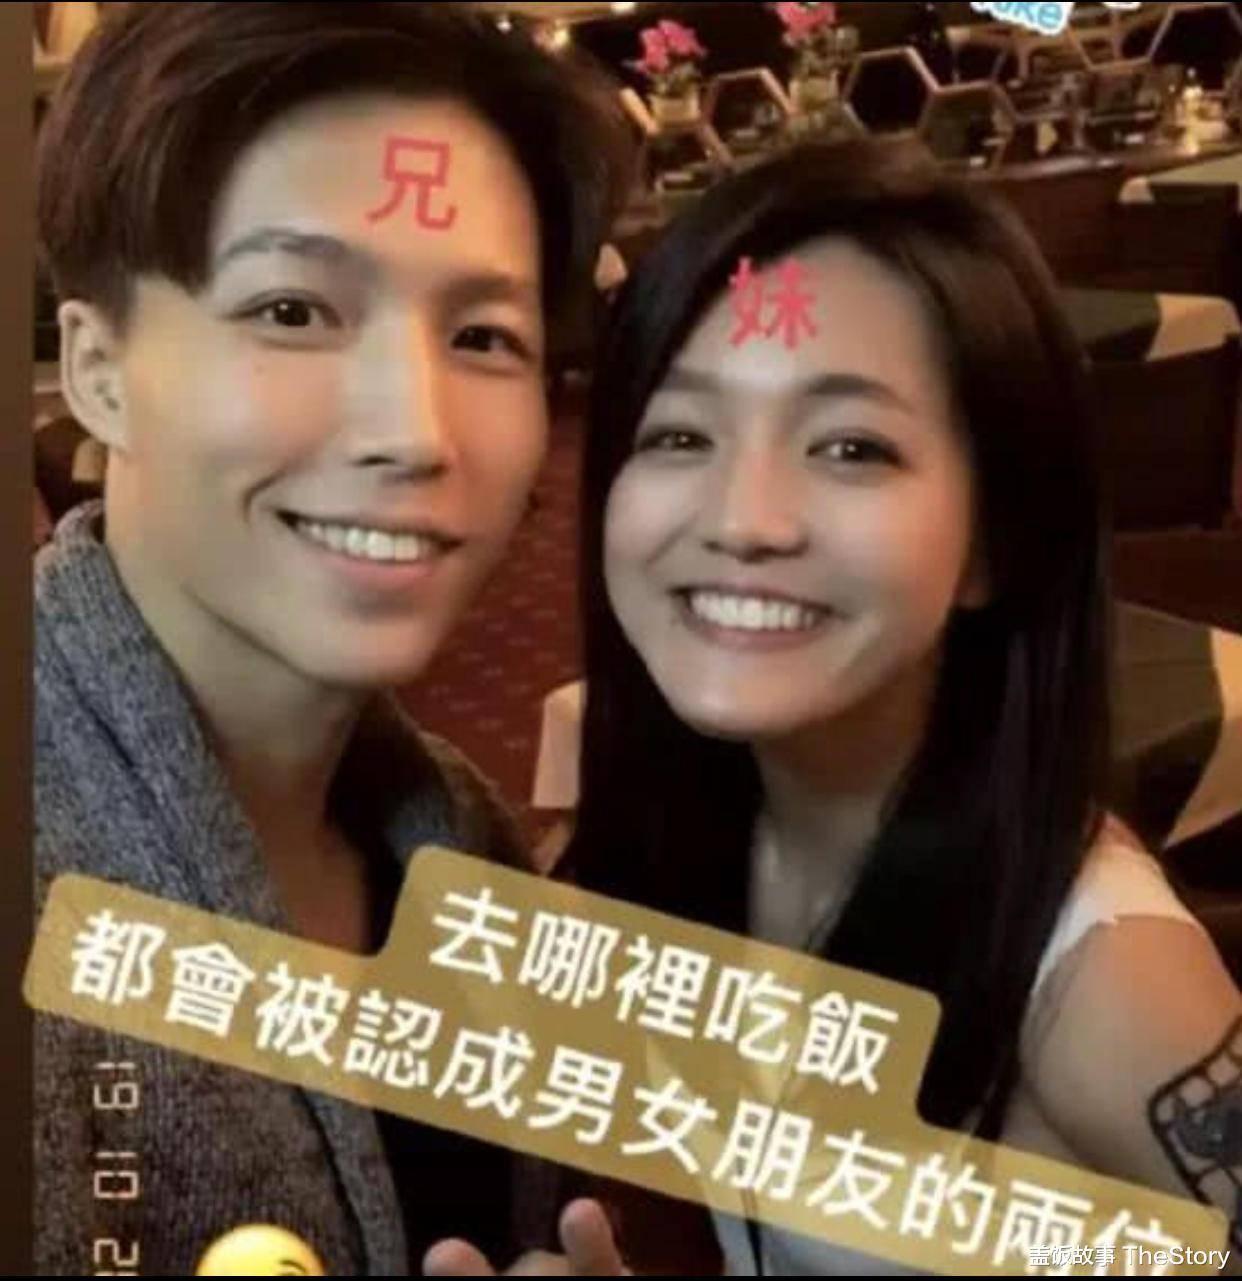 丑妻赵裕生林琅43 空间重生民国小媳妇